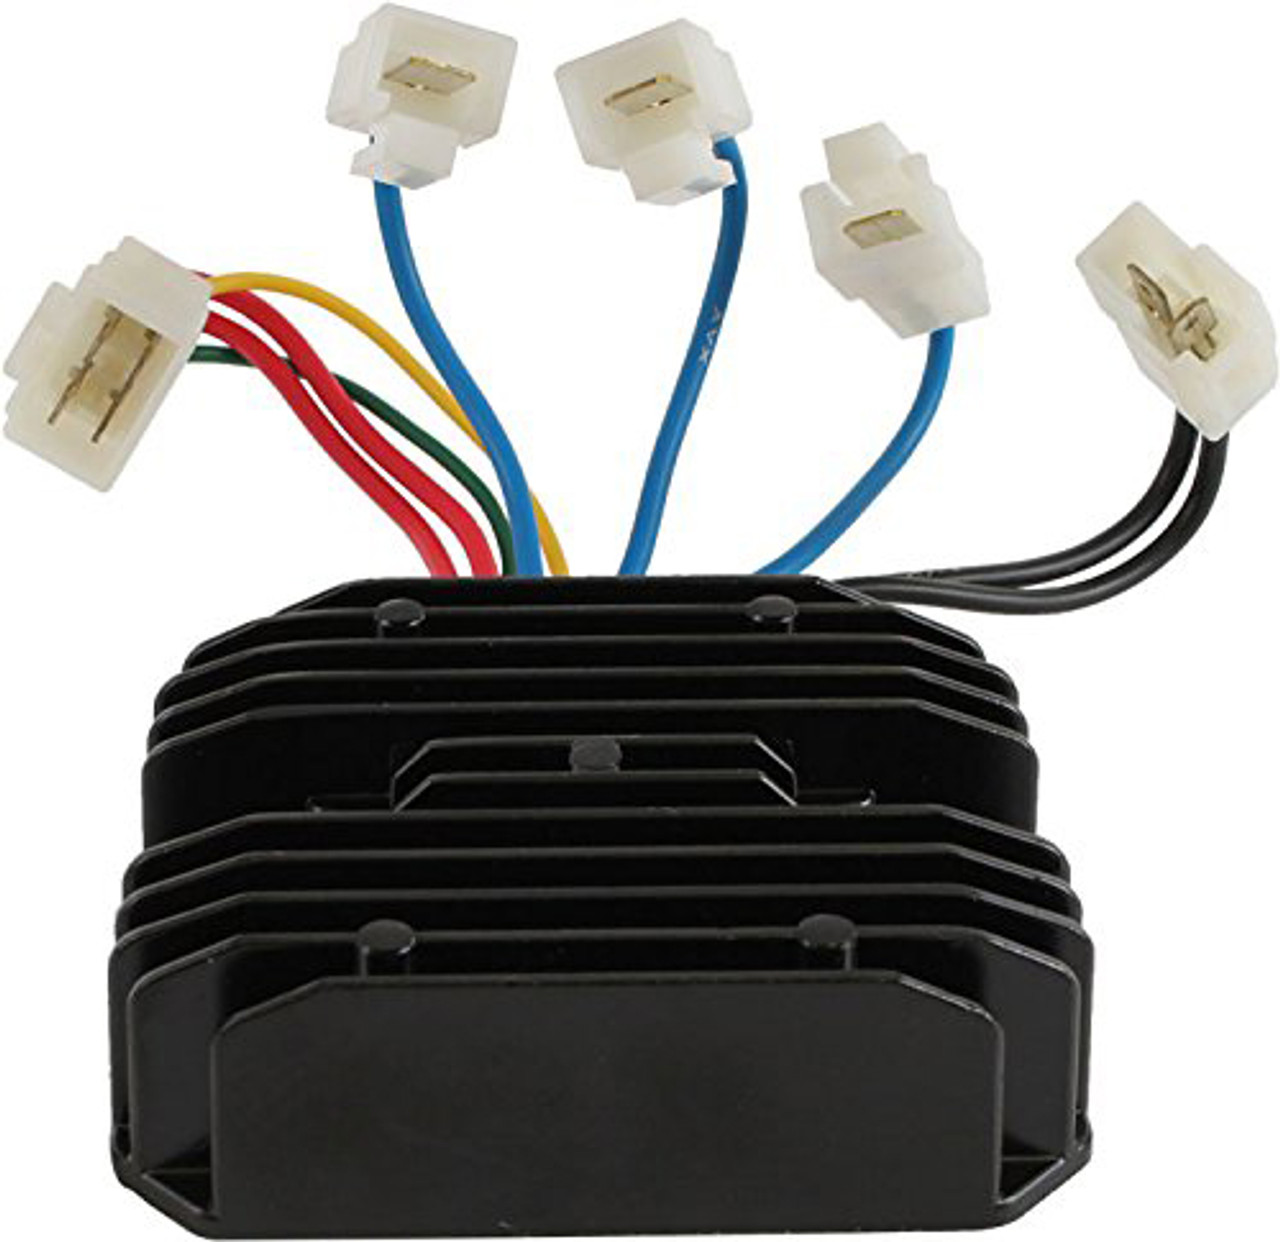 4100 engine wiring new regulator for john deere tractors 4010 4100 4110 4115 diesel  4010 4100 4110 4115 diesel